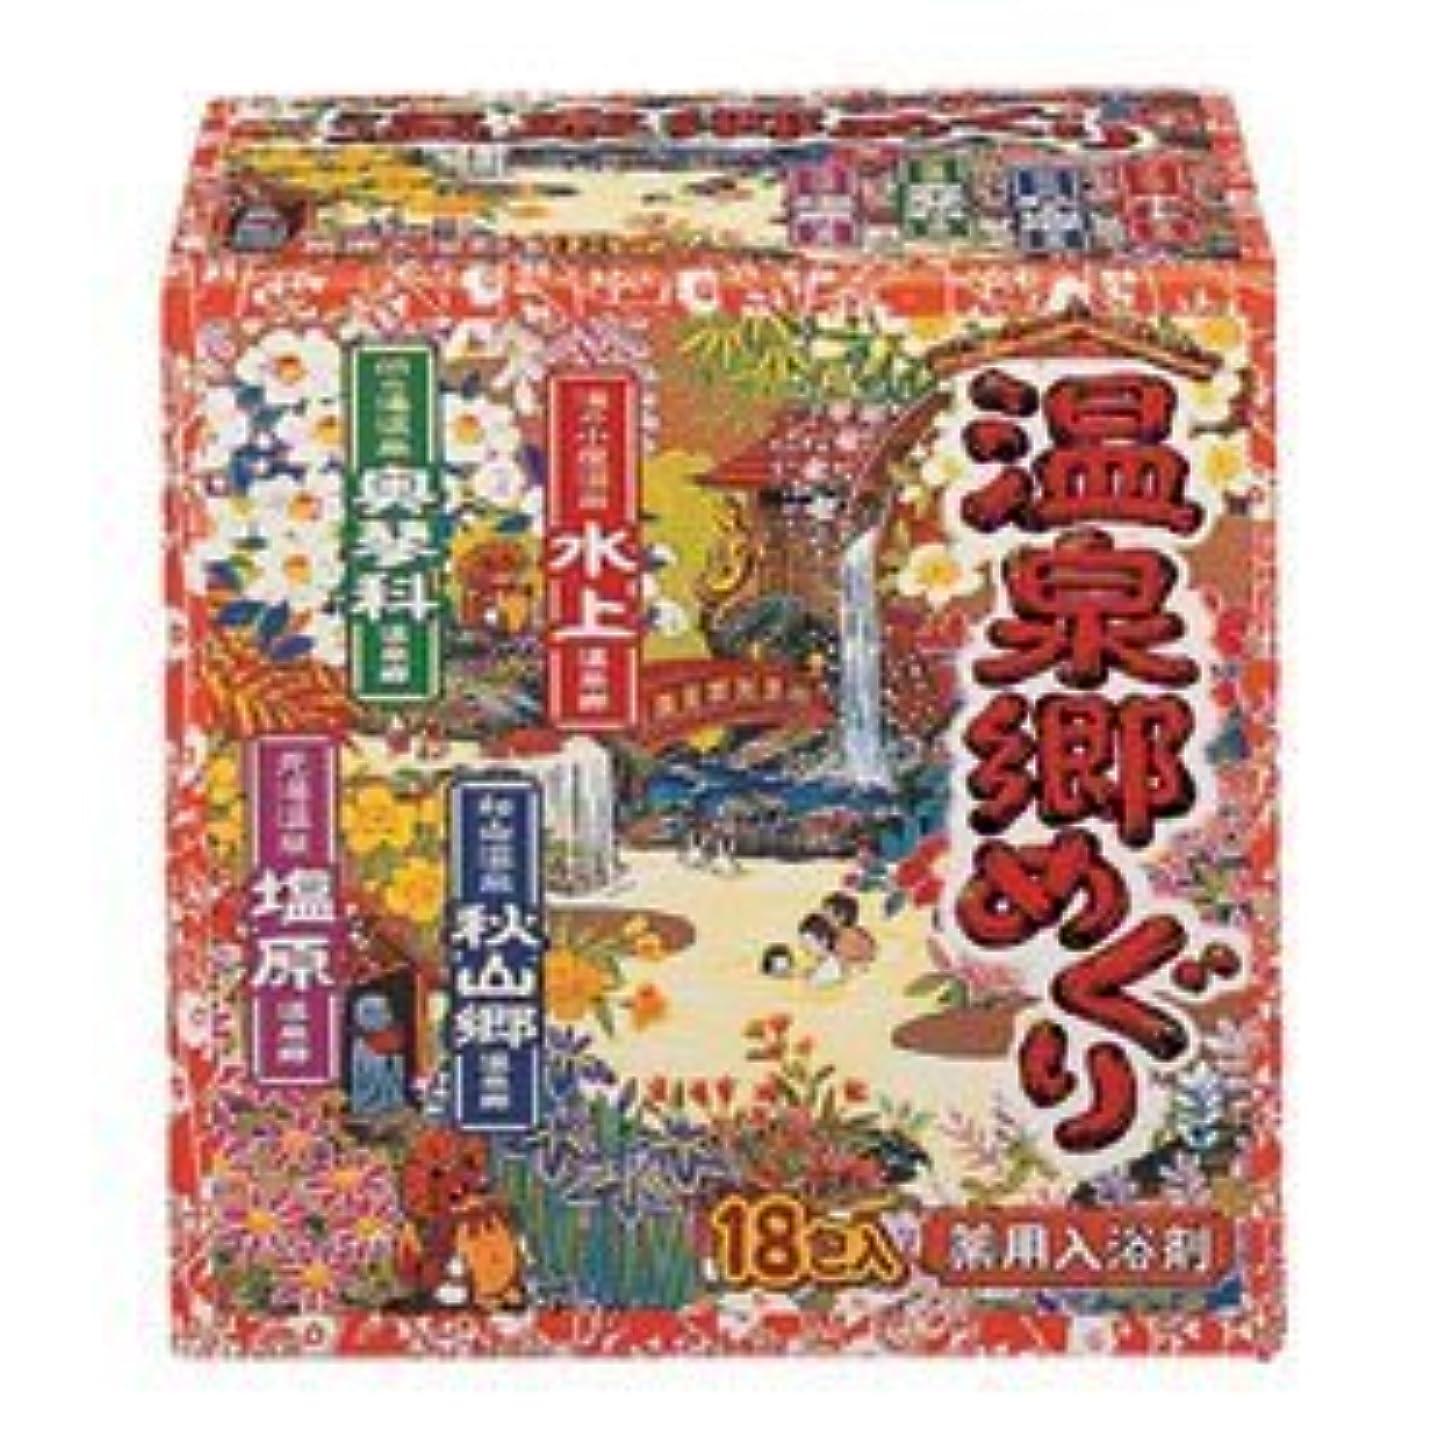 【アース製薬】温泉郷めぐり 入浴剤 18包入 ×5個セット